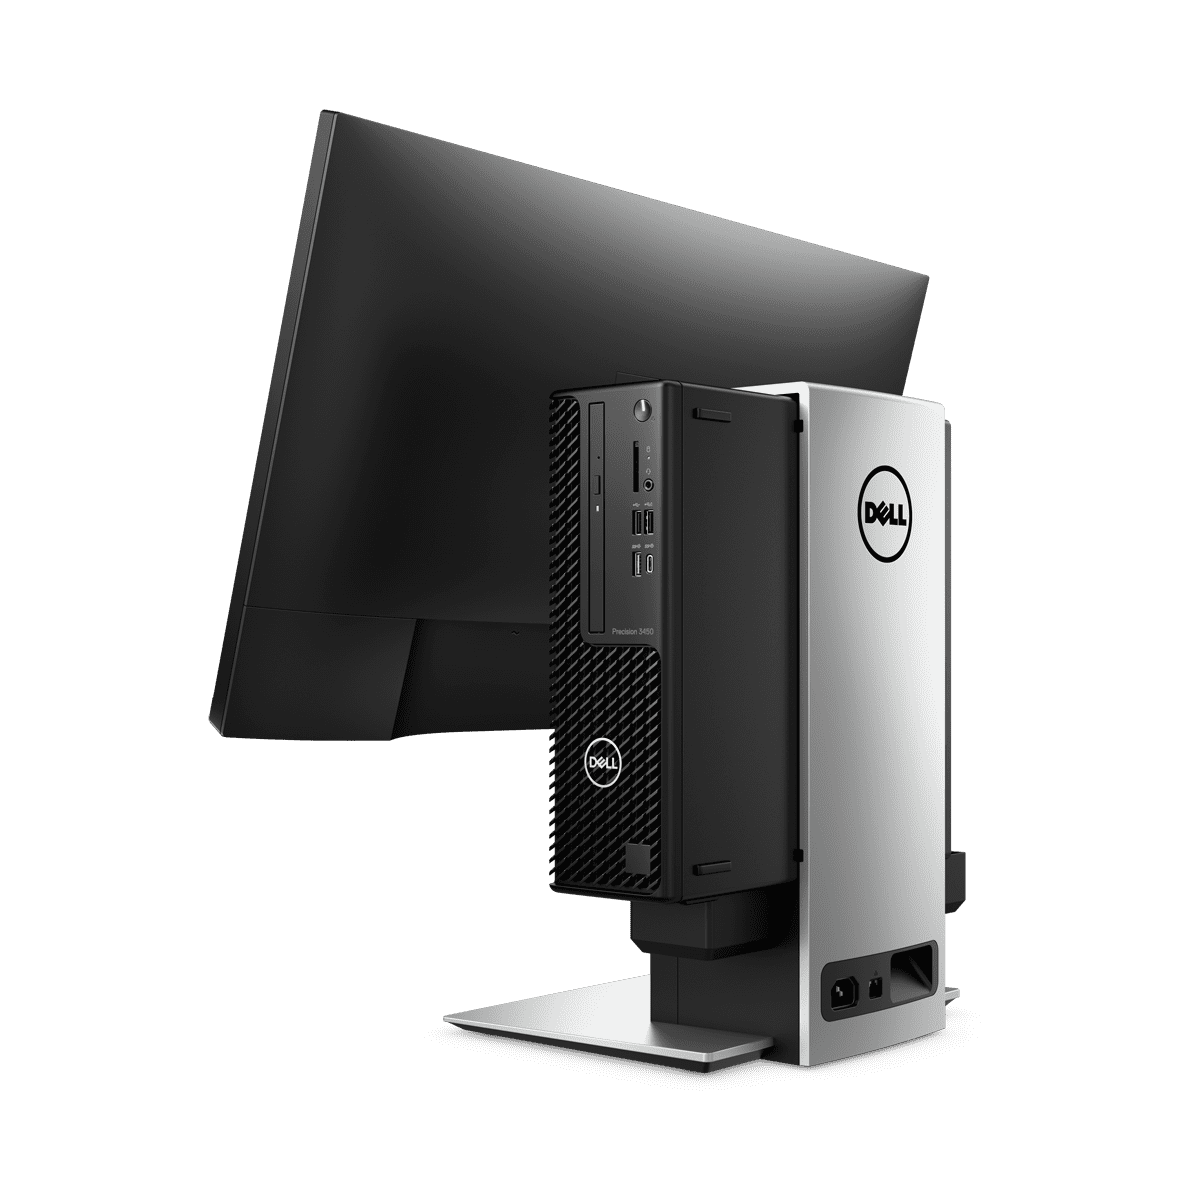 Dell-Precision-Workstation-3450-SFF-Bild05